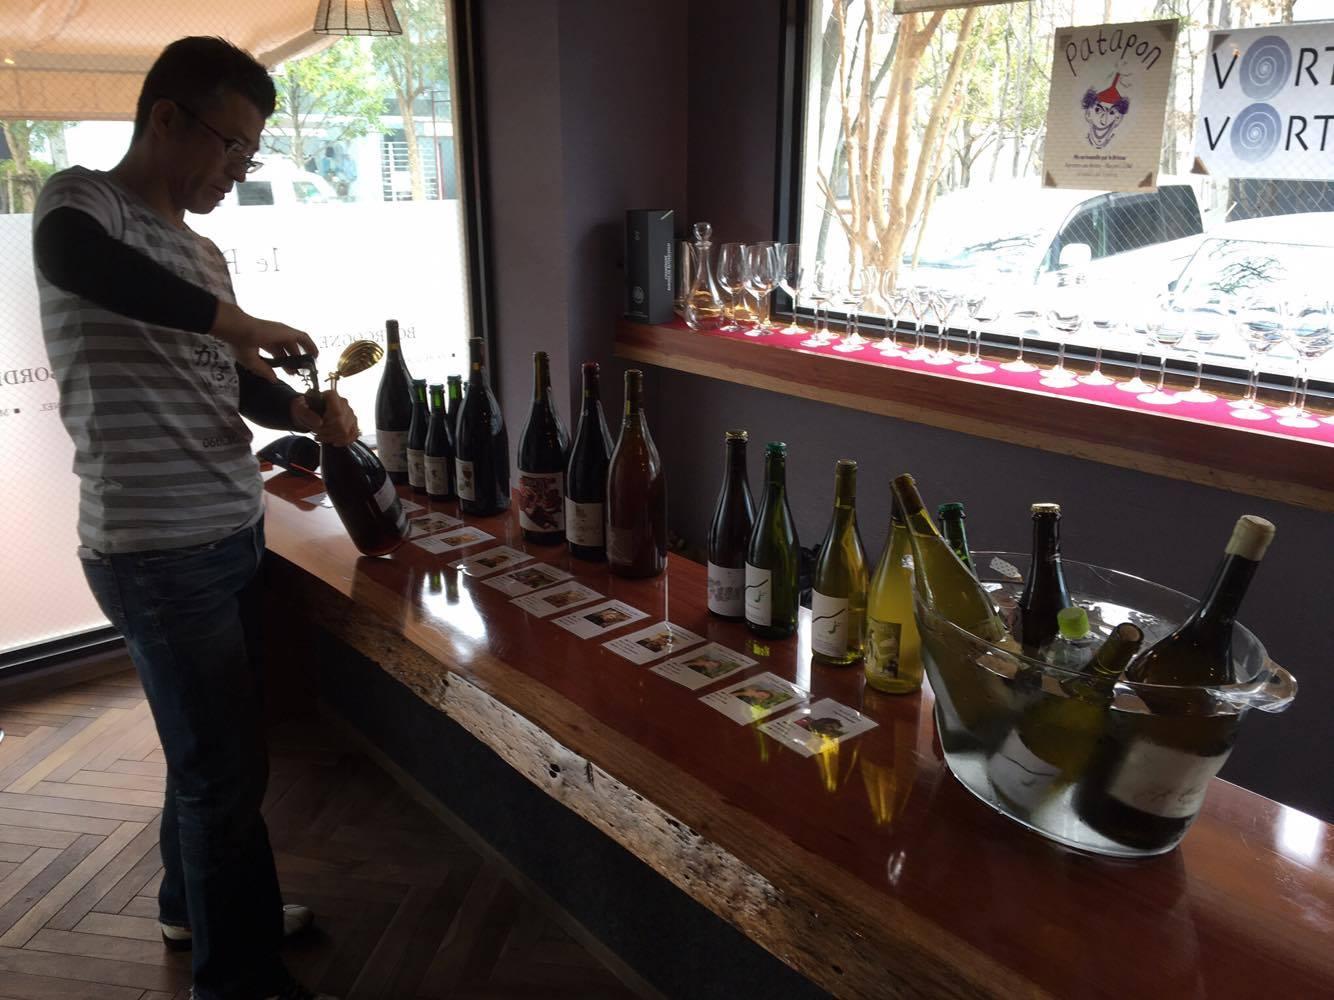 前回のSagaのがばいVinちゃんの様子。数多くのワインが並びました。